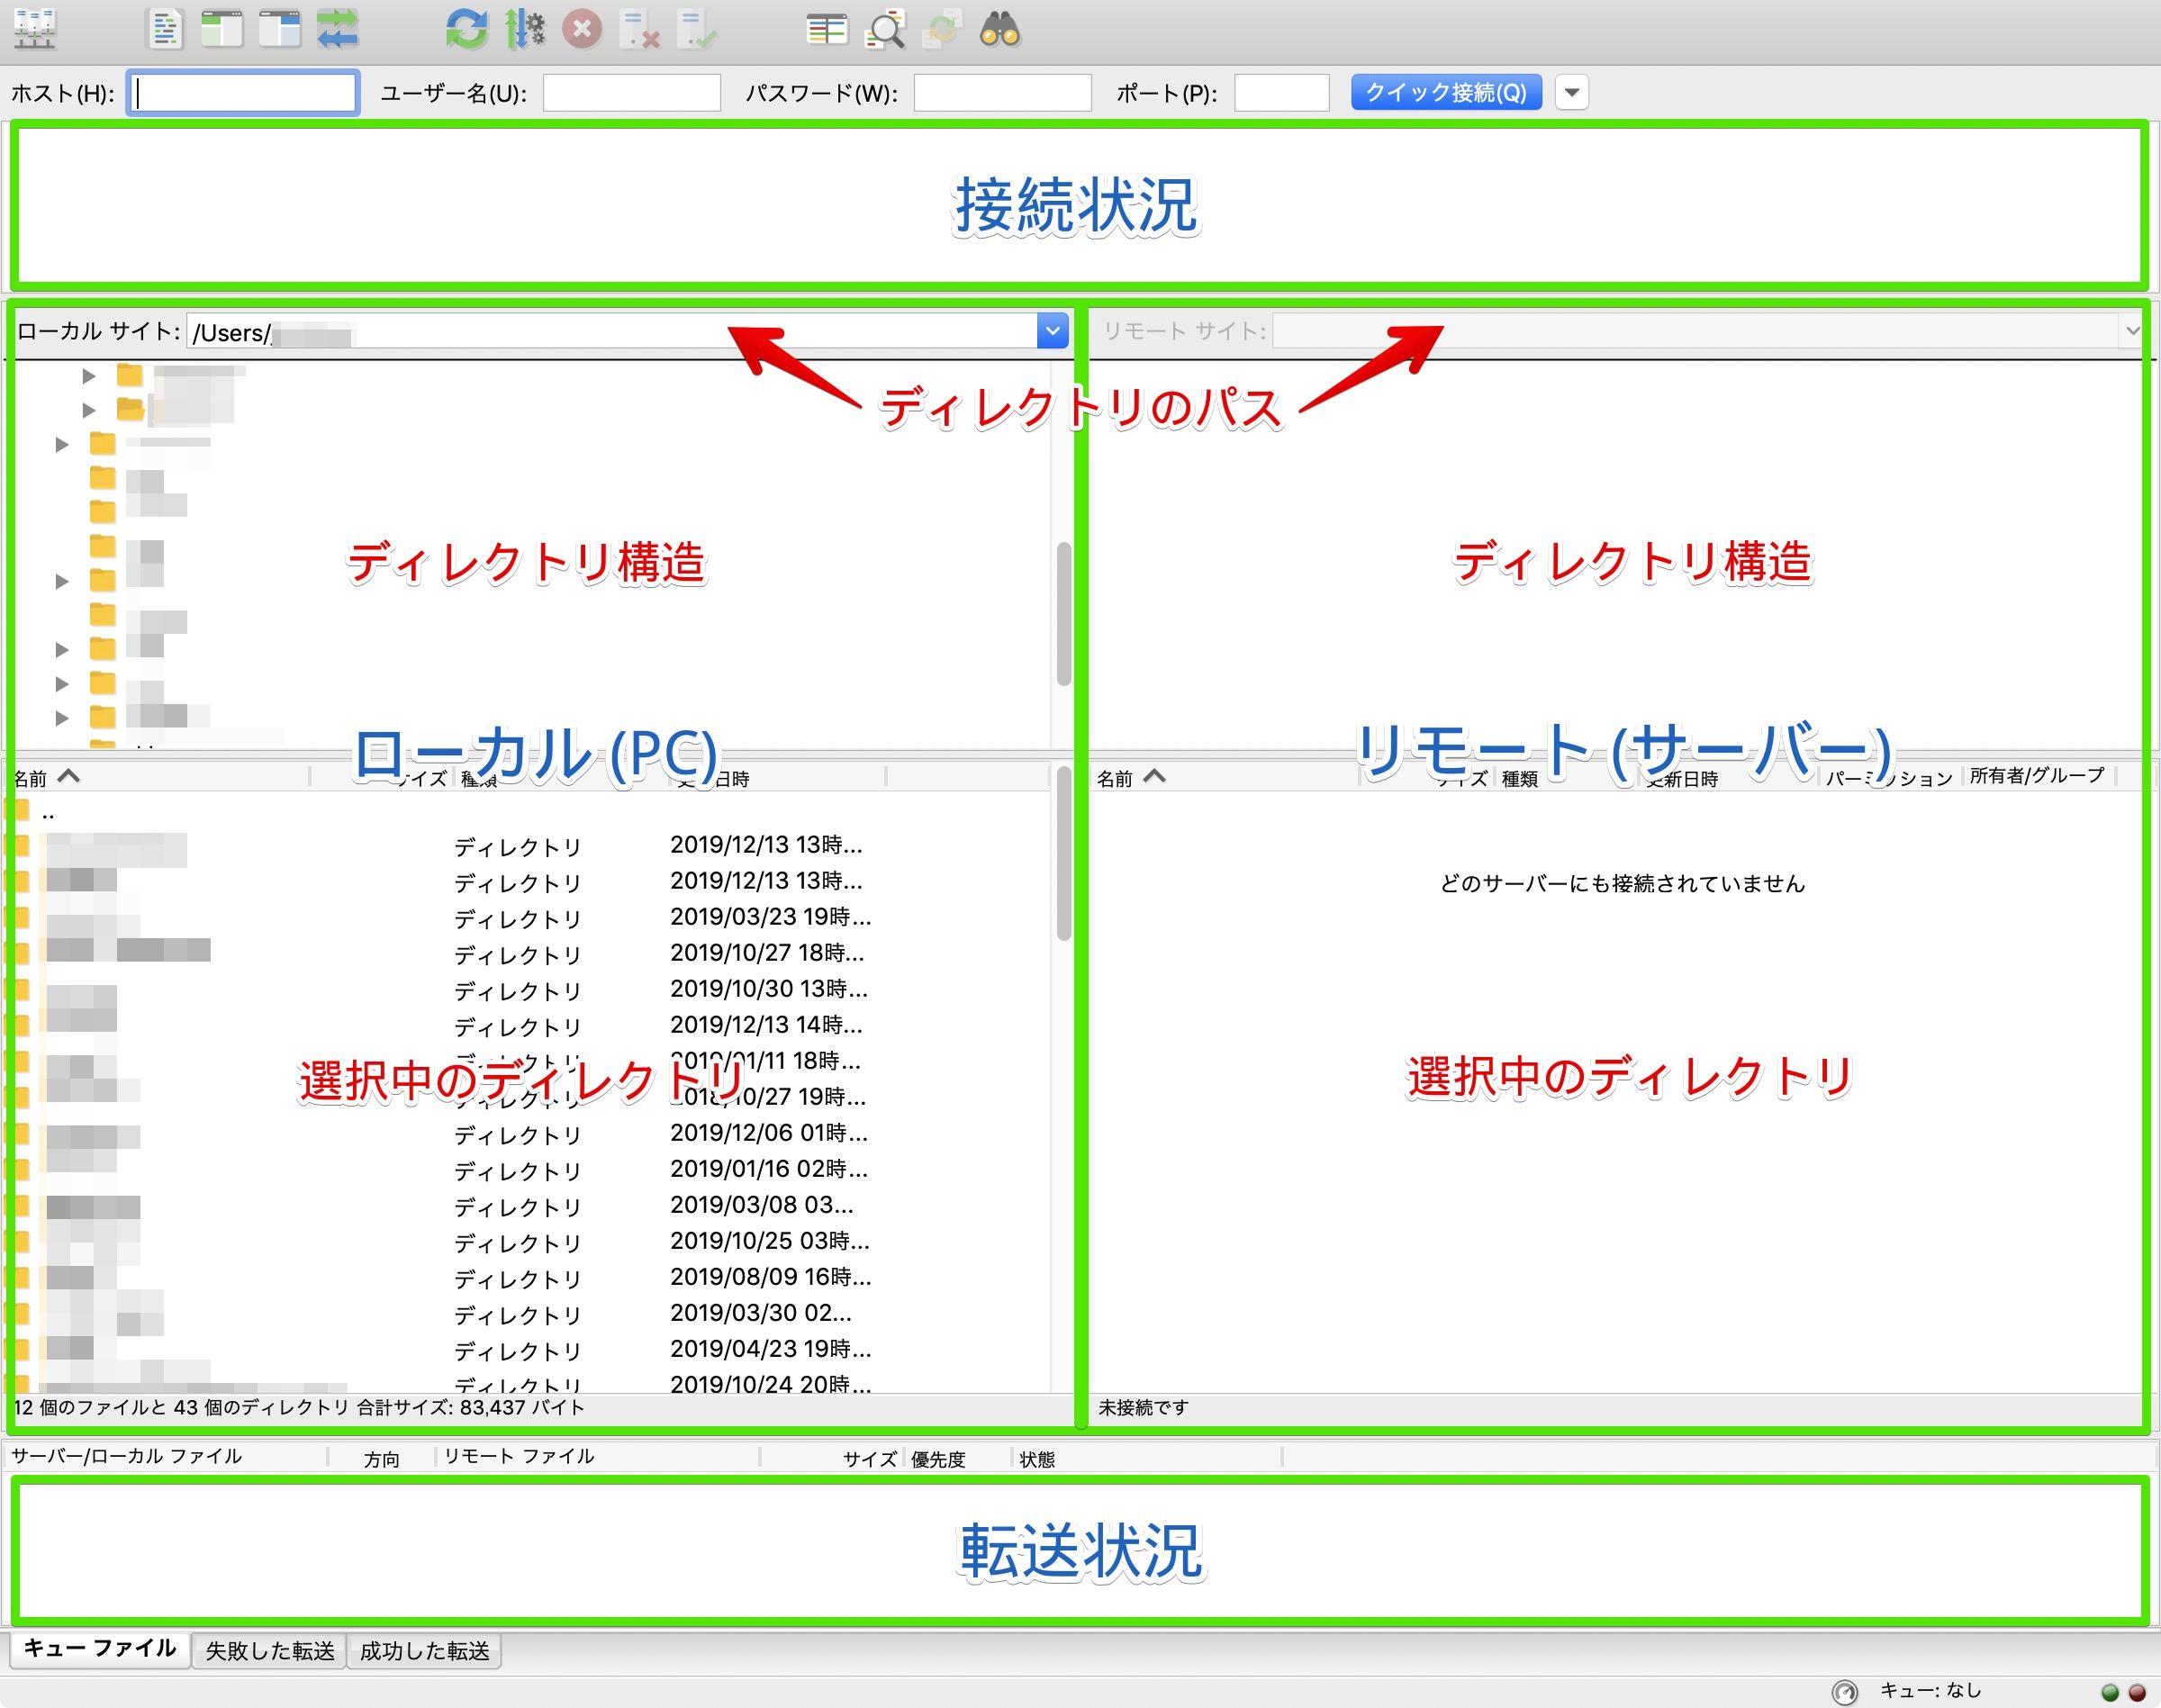 FileZillaのメイン画面